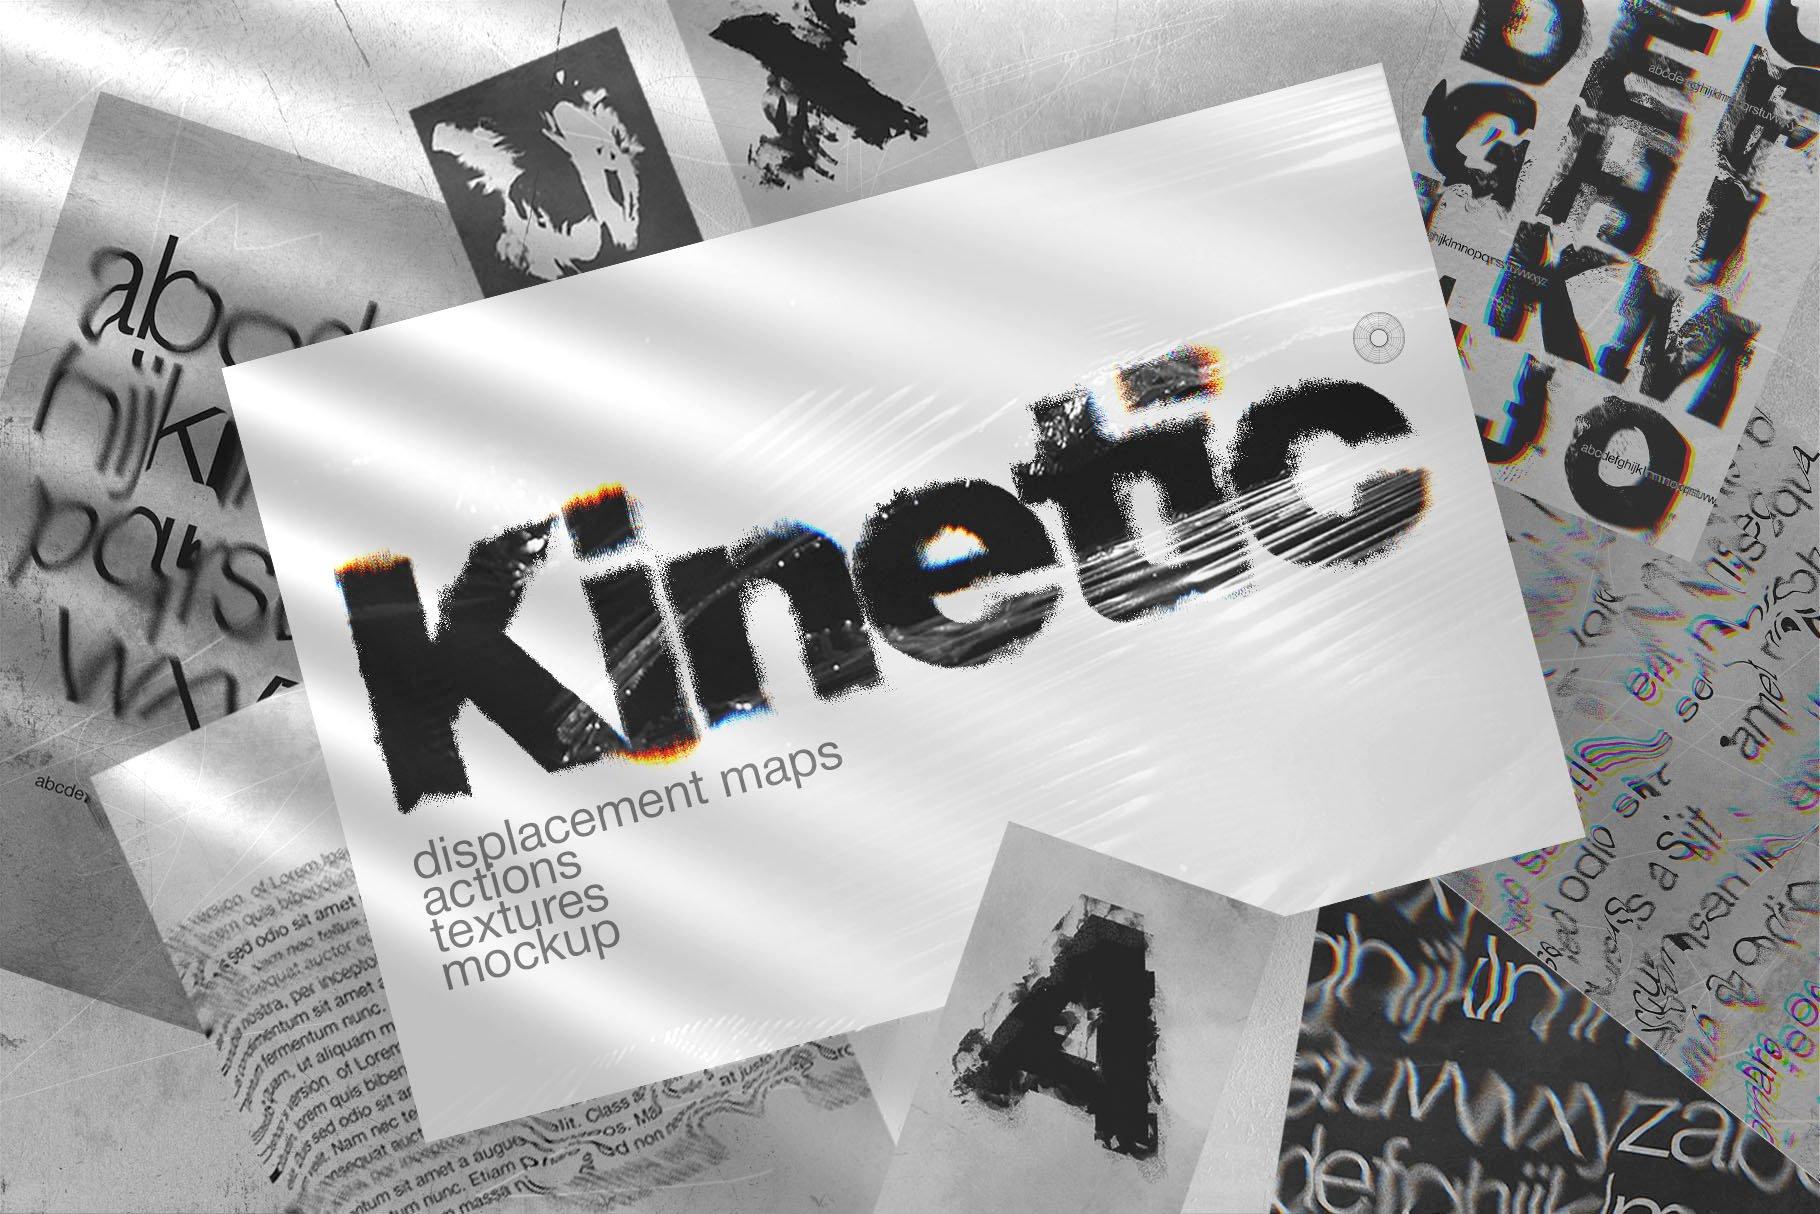 潮流创意抽象故障扭曲置换海报字体特效PS设计素材 Kinetic – Displacement Maps插图